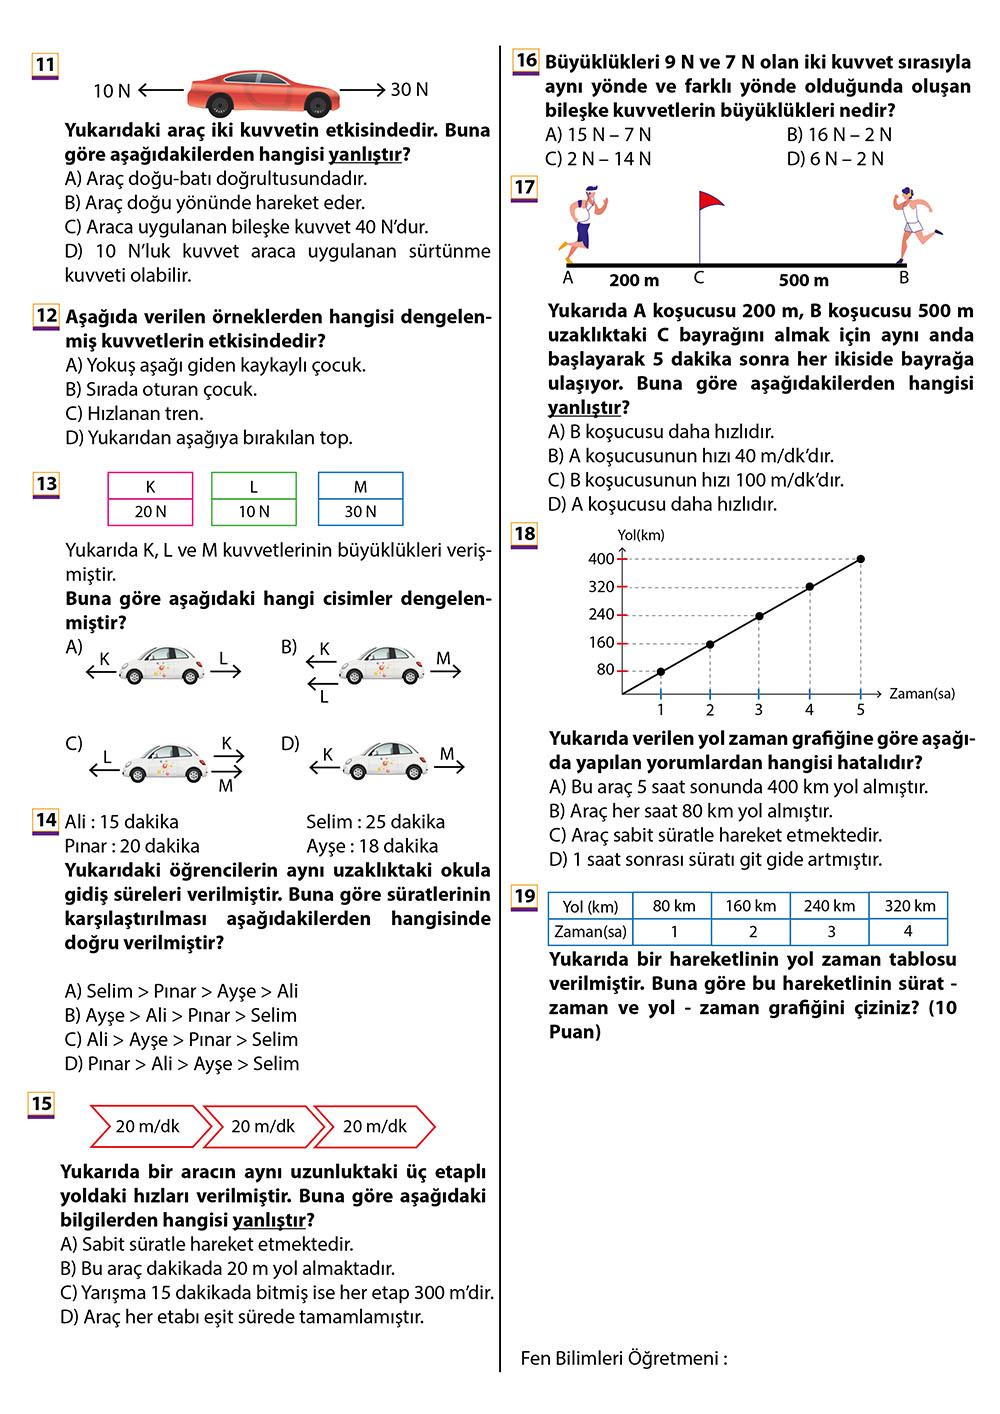 2019 – 2020 6. Sınıf Fen Bilimleri 1. Dönem 2. Yazılı Sınavı – Çoktan Seçmeli